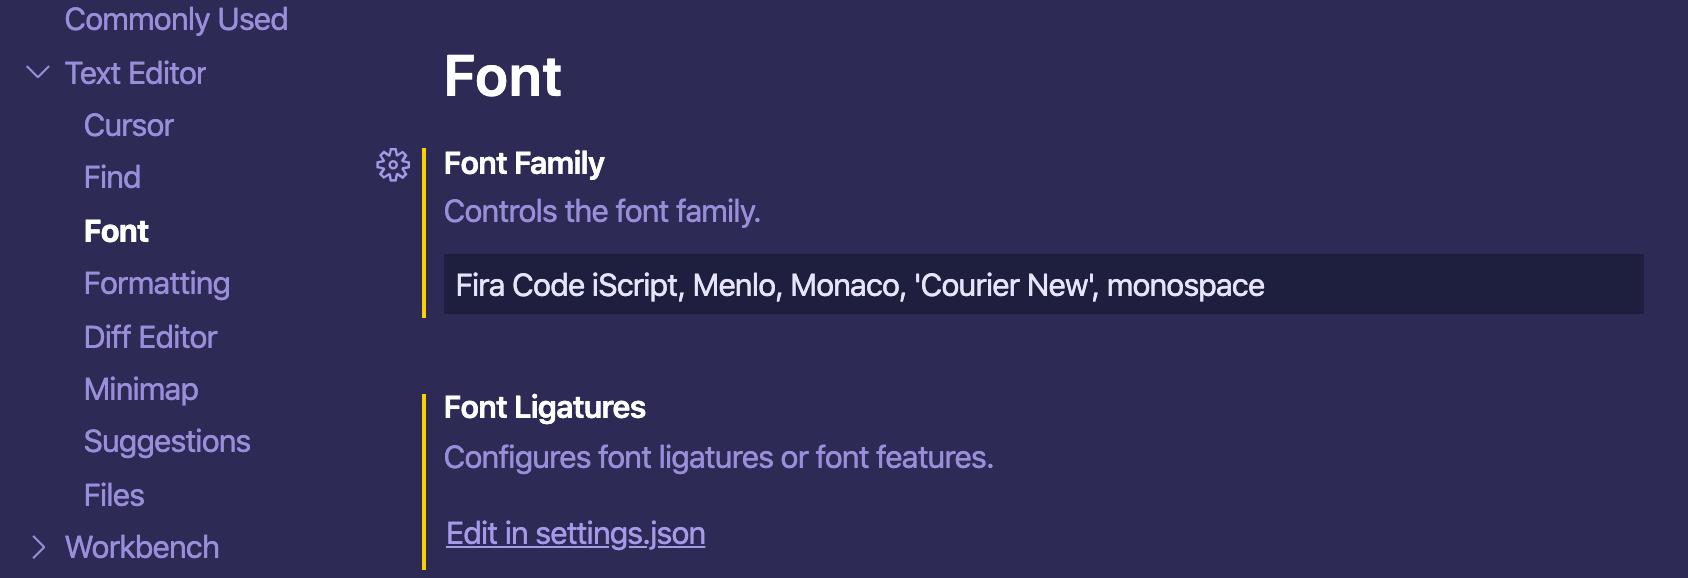 font-settings.png